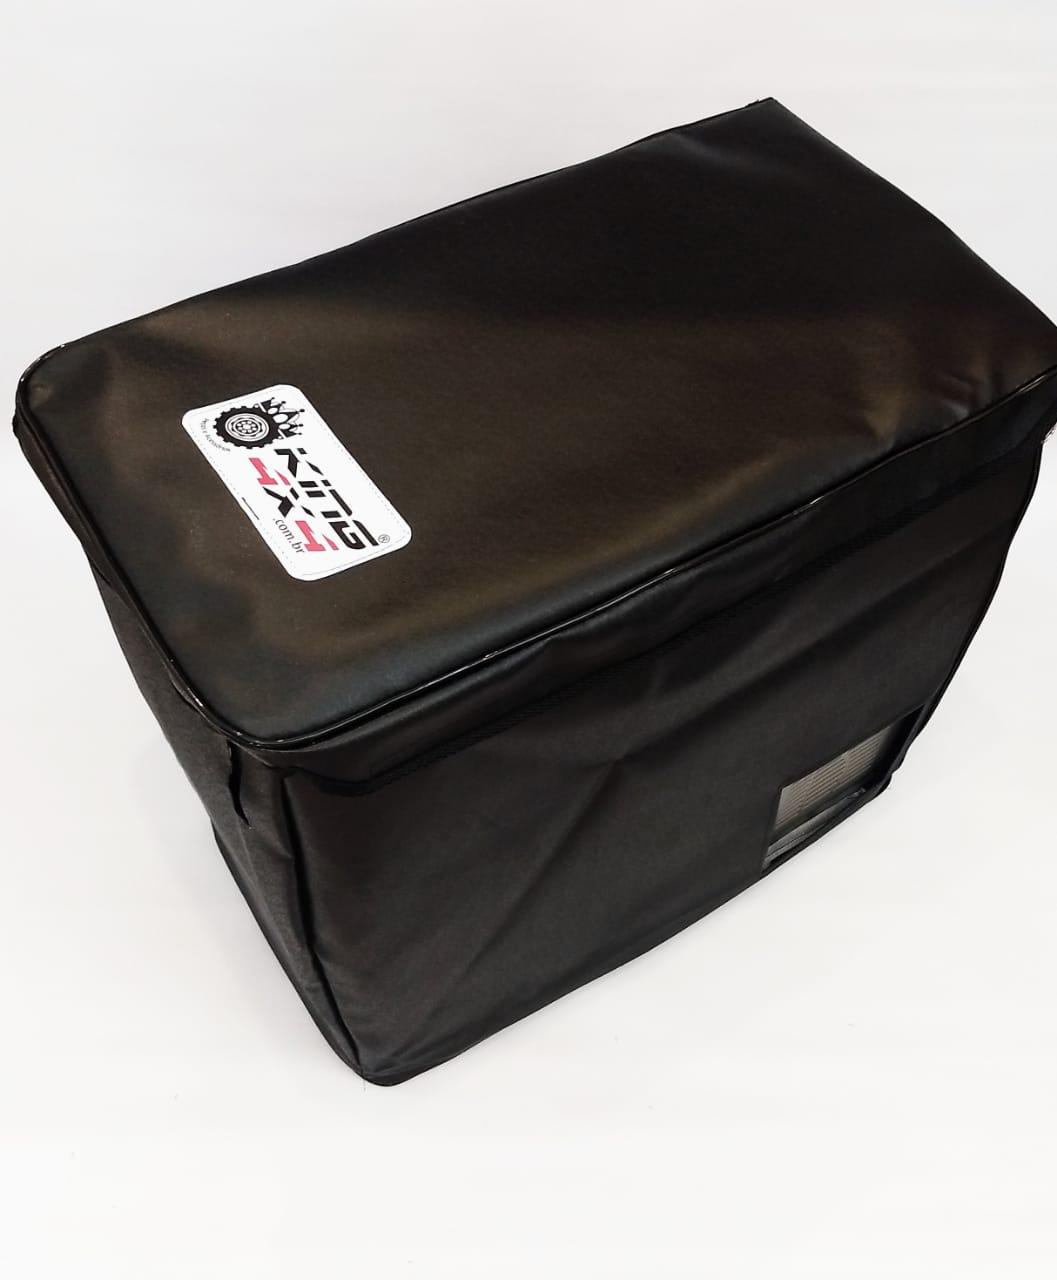 Capa Protetora Geladeira Portátil Elber CAB 51 King 4x4